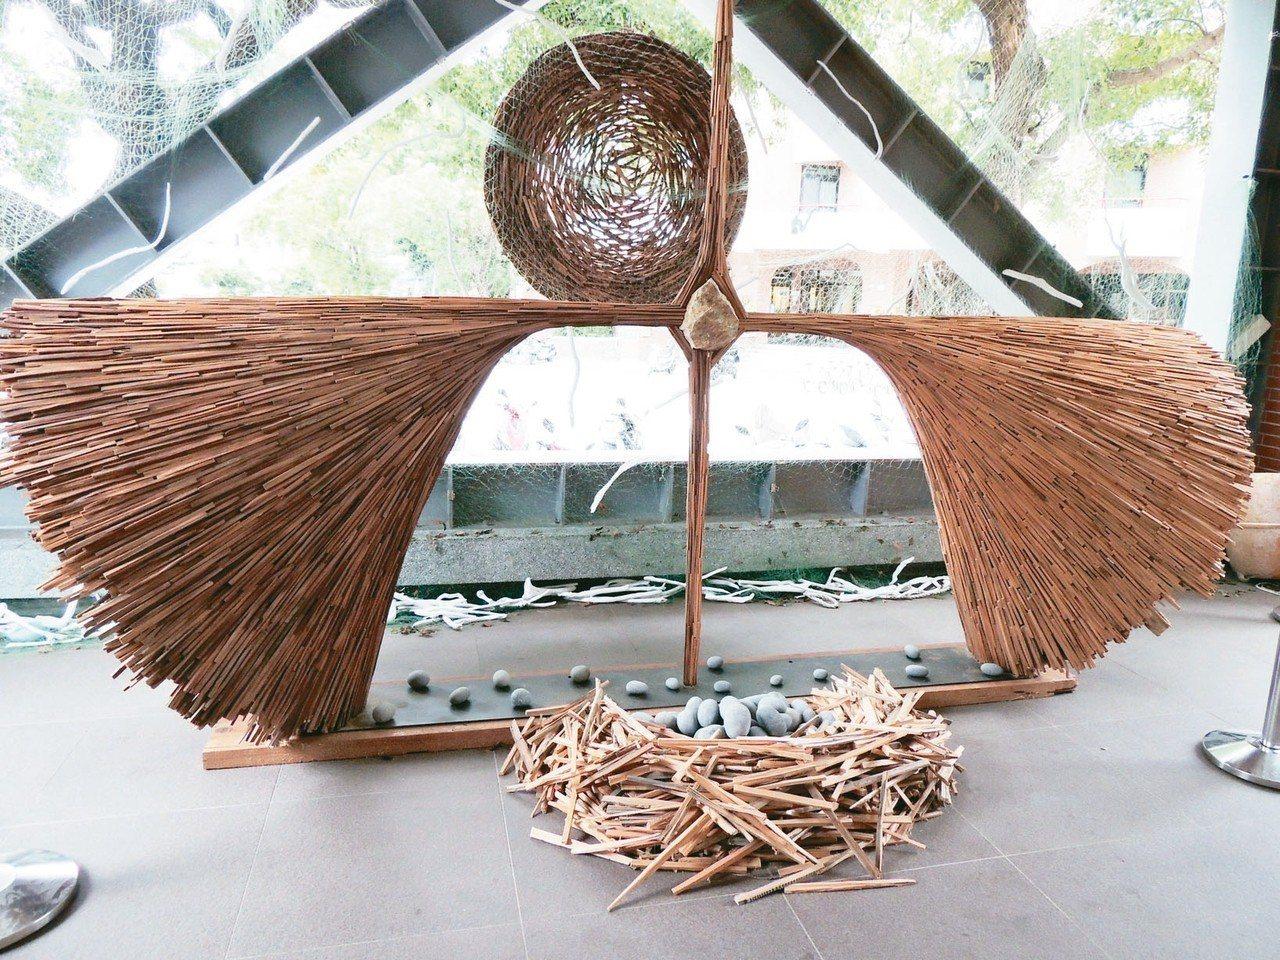 即將在8月10日登場的台東設計展,阿美族藝術工作者伊祐噶照作品,表達對山林、海洋...